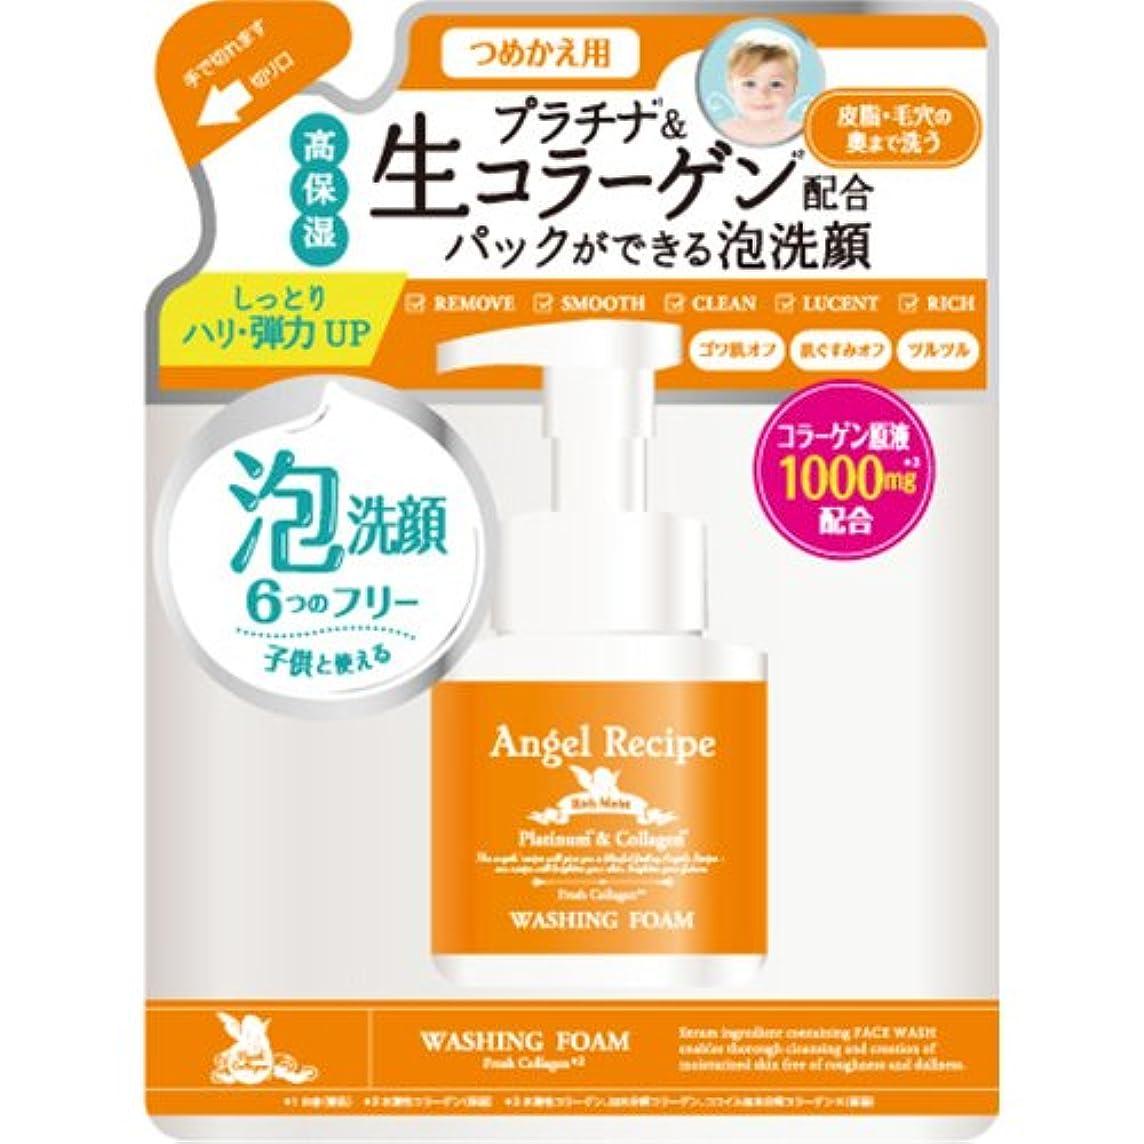 死にかけているクレデンシャル民間人AngelRecipe エンジェルレシピ リッチモイスト 泡洗顔 詰替え 130ml